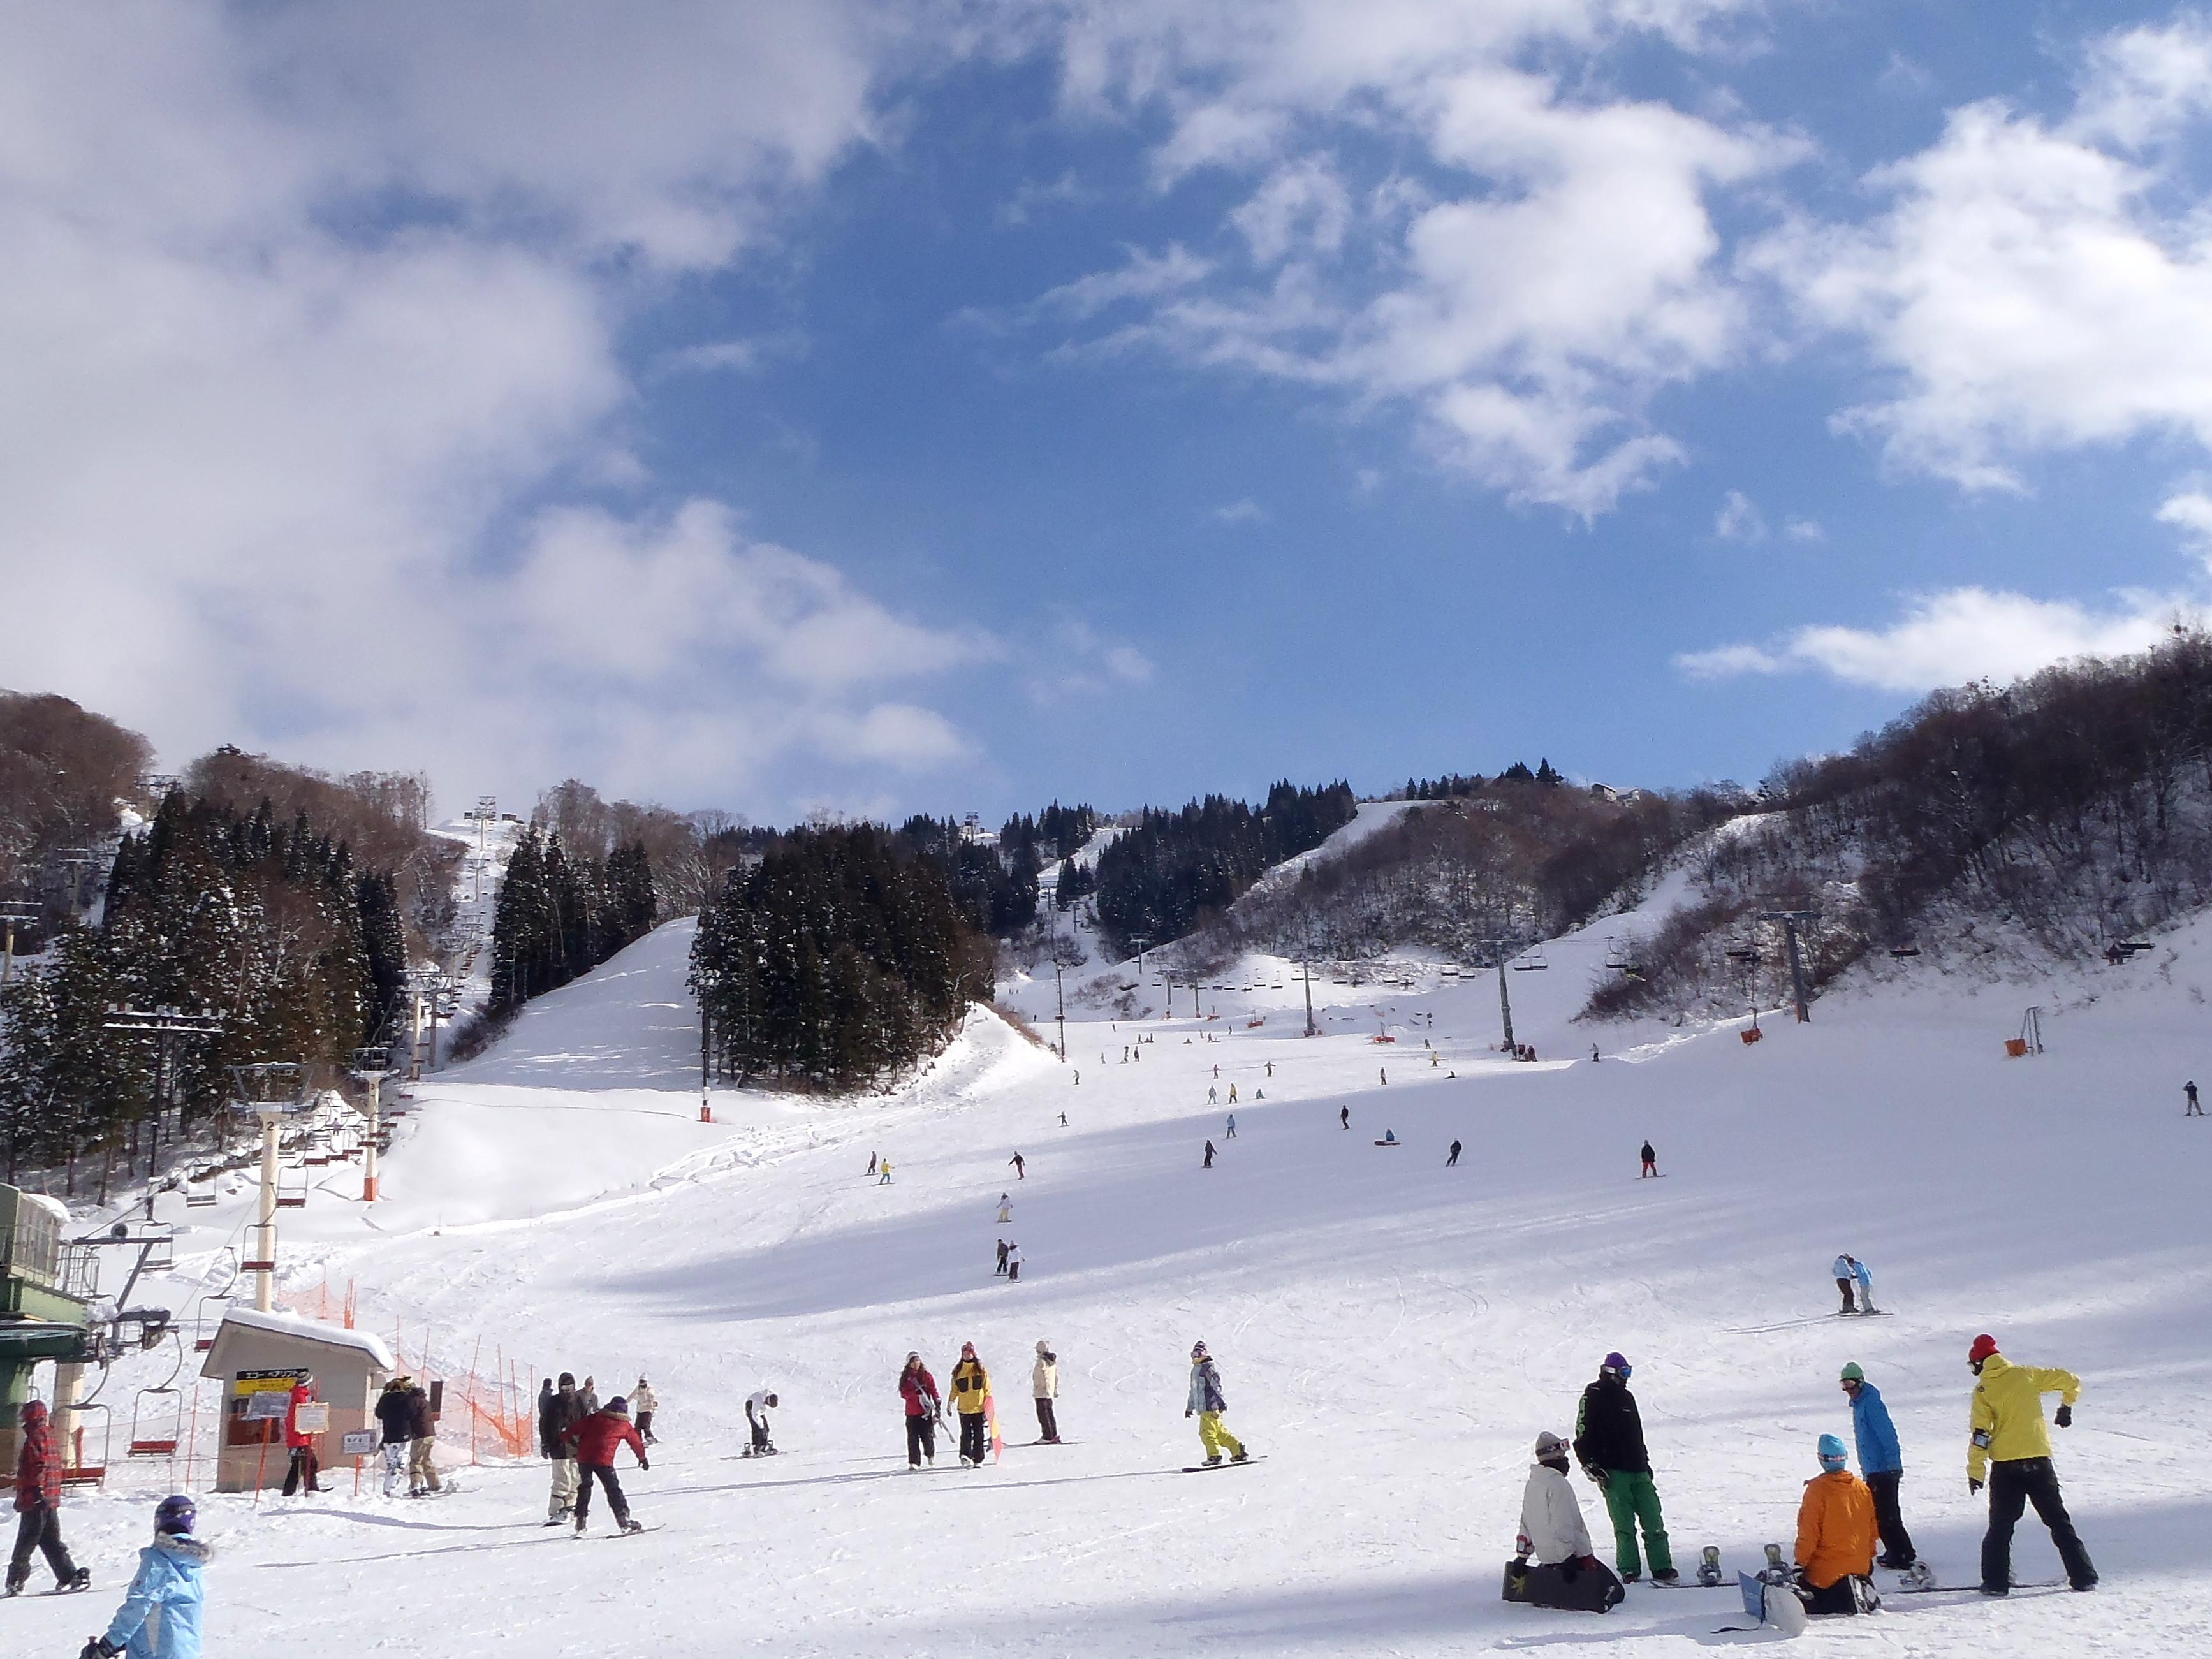 ホワイトピアたかすスキー場(8km)